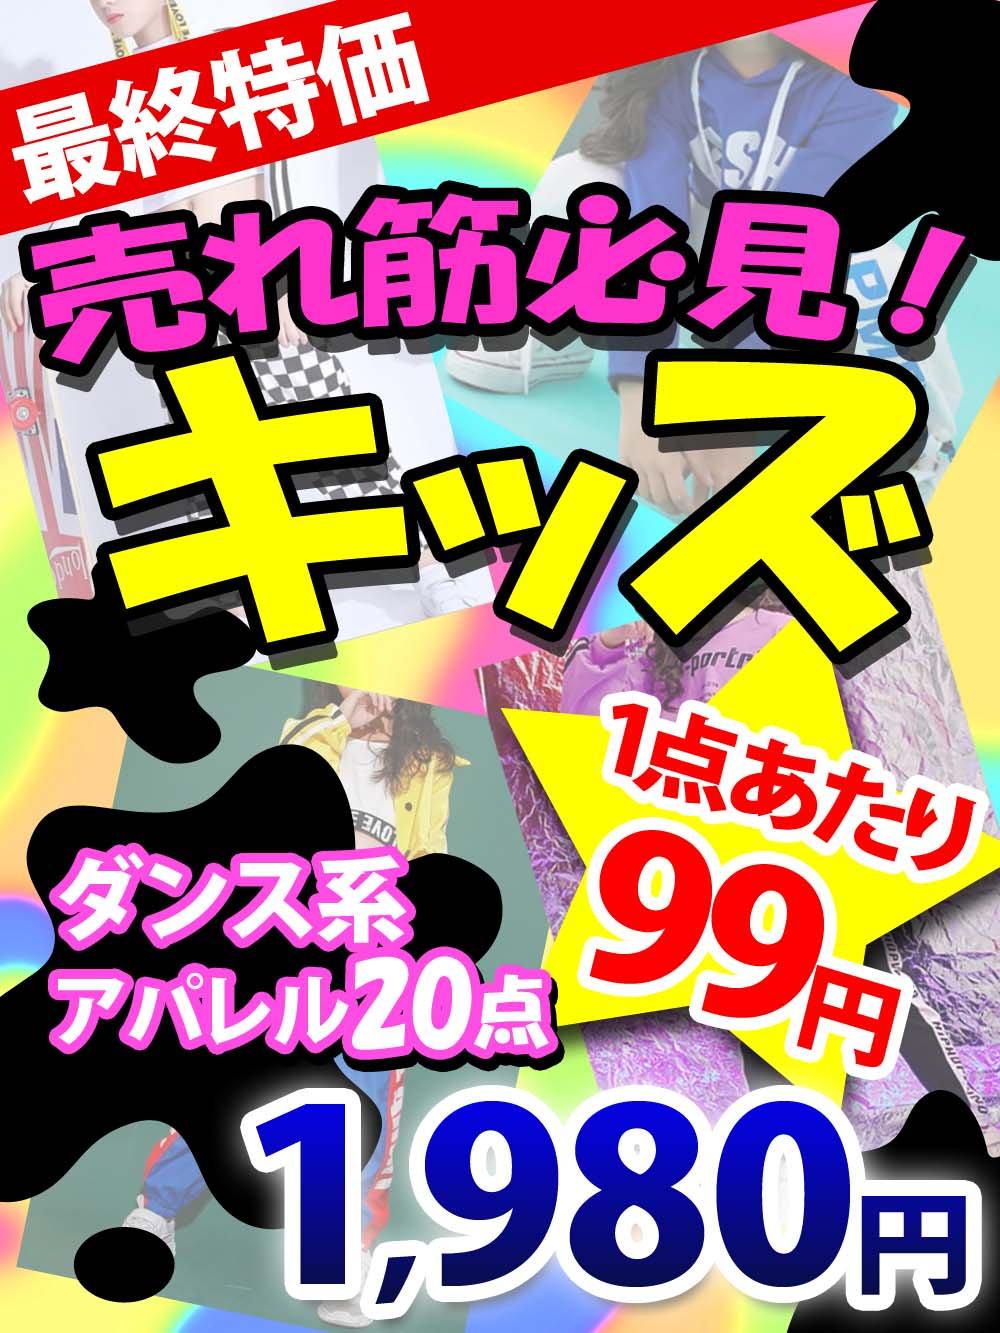 【売れ筋必見!】大人気!子供ダンス系アパレルアラカルト!20点@169